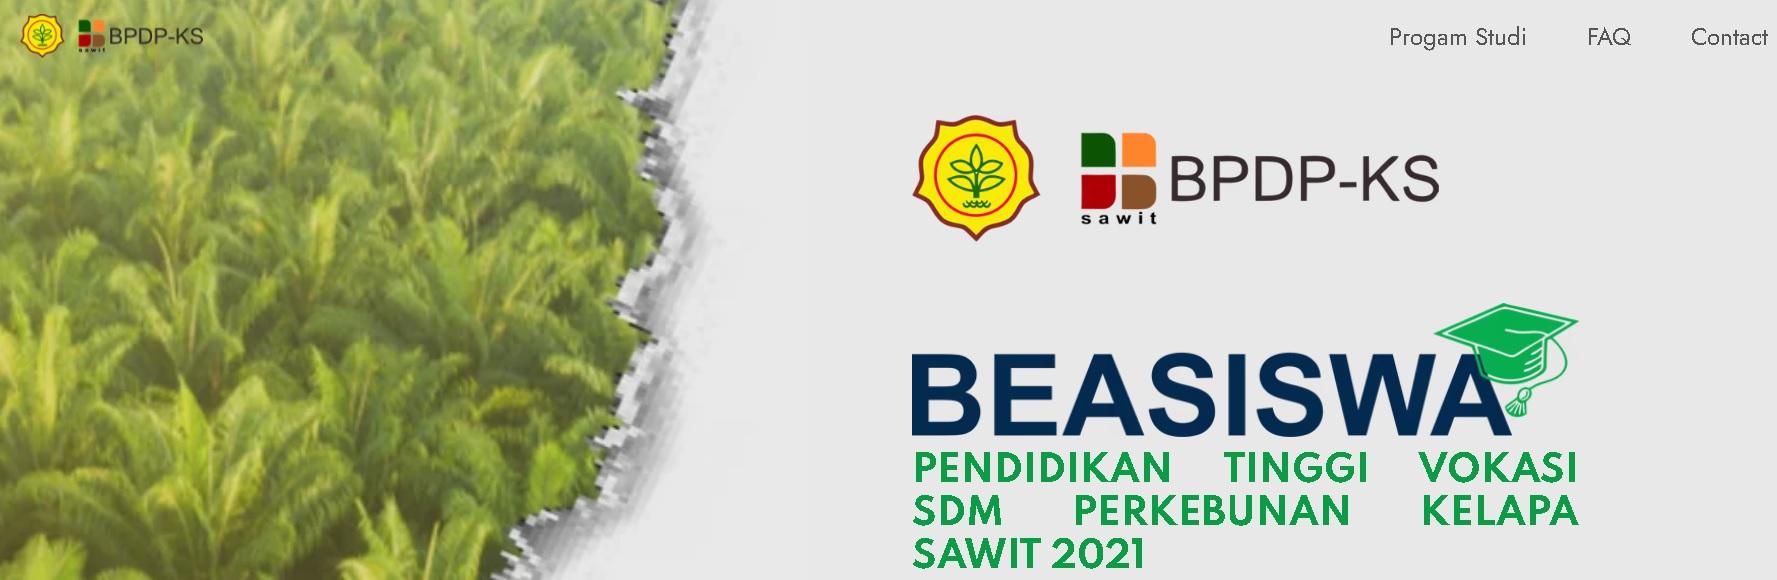 PENDAFTARAN ONLINE BEASISWA SDM SAWIT  (BPDPKS) 2021 TELAH DIBUKA